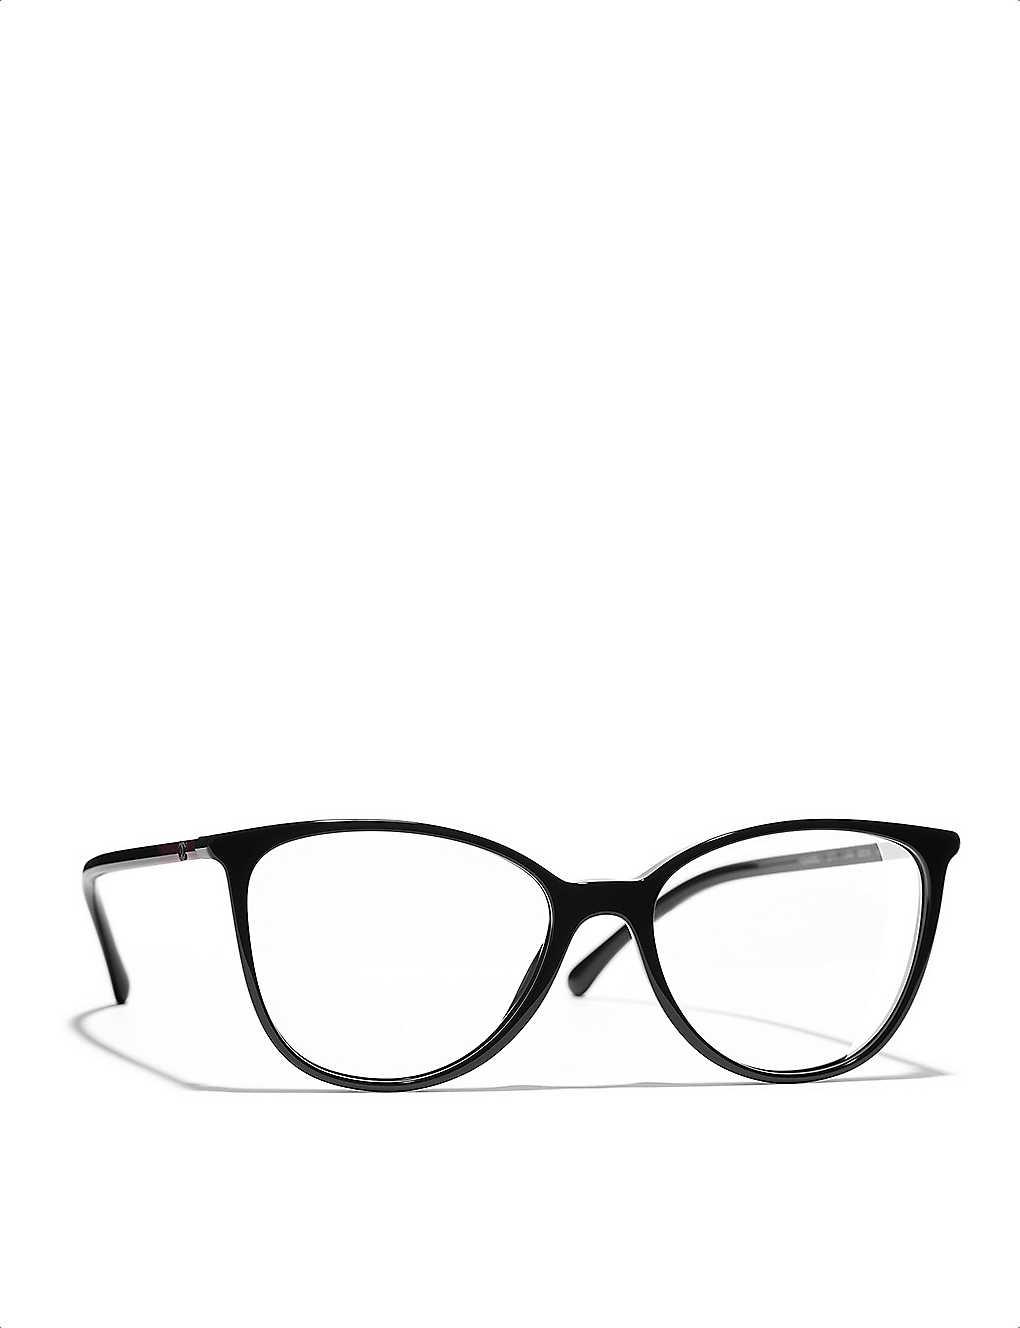 01ed5a6459518 CHANEL - Cat-eye glasses